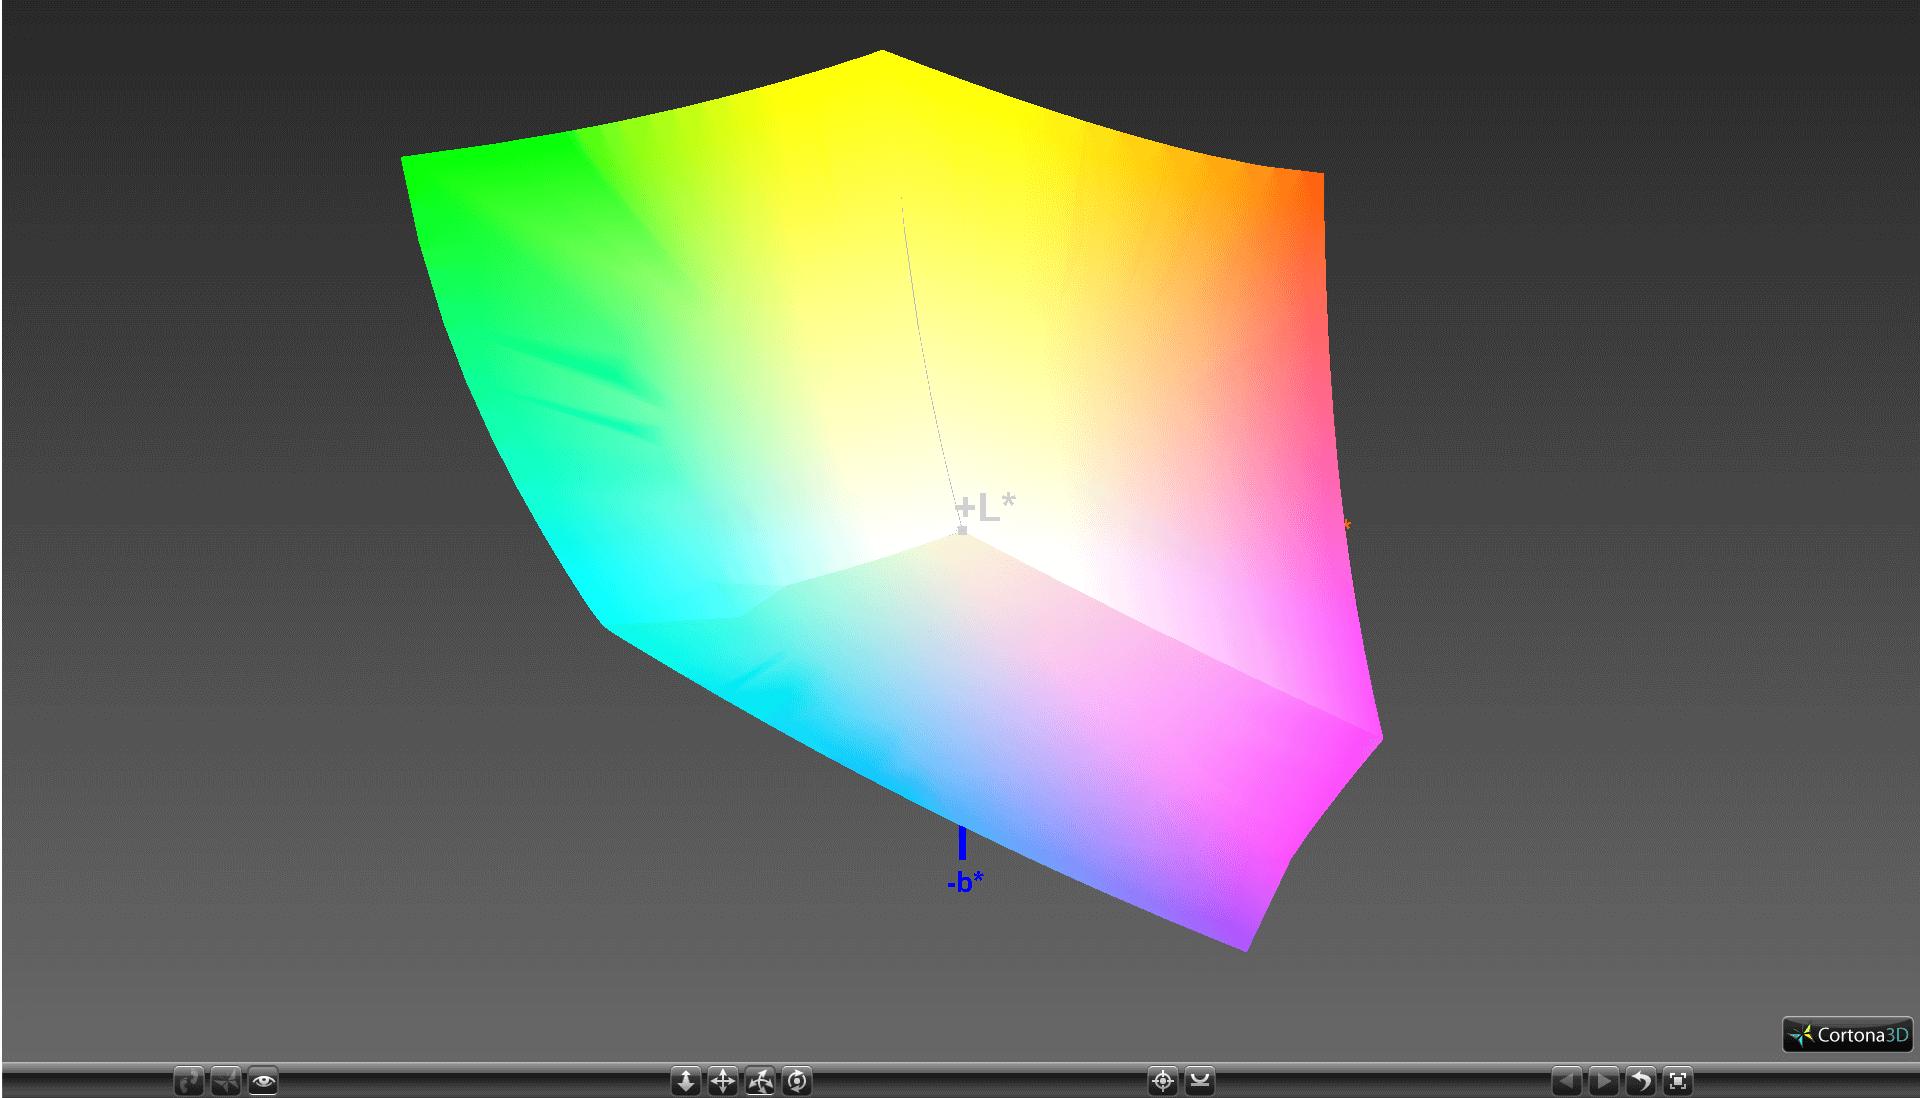 Màn hình Dell XPS bản 4K có độ bao phủ 100% dải màu sRGB cực kỳ ấn tượng